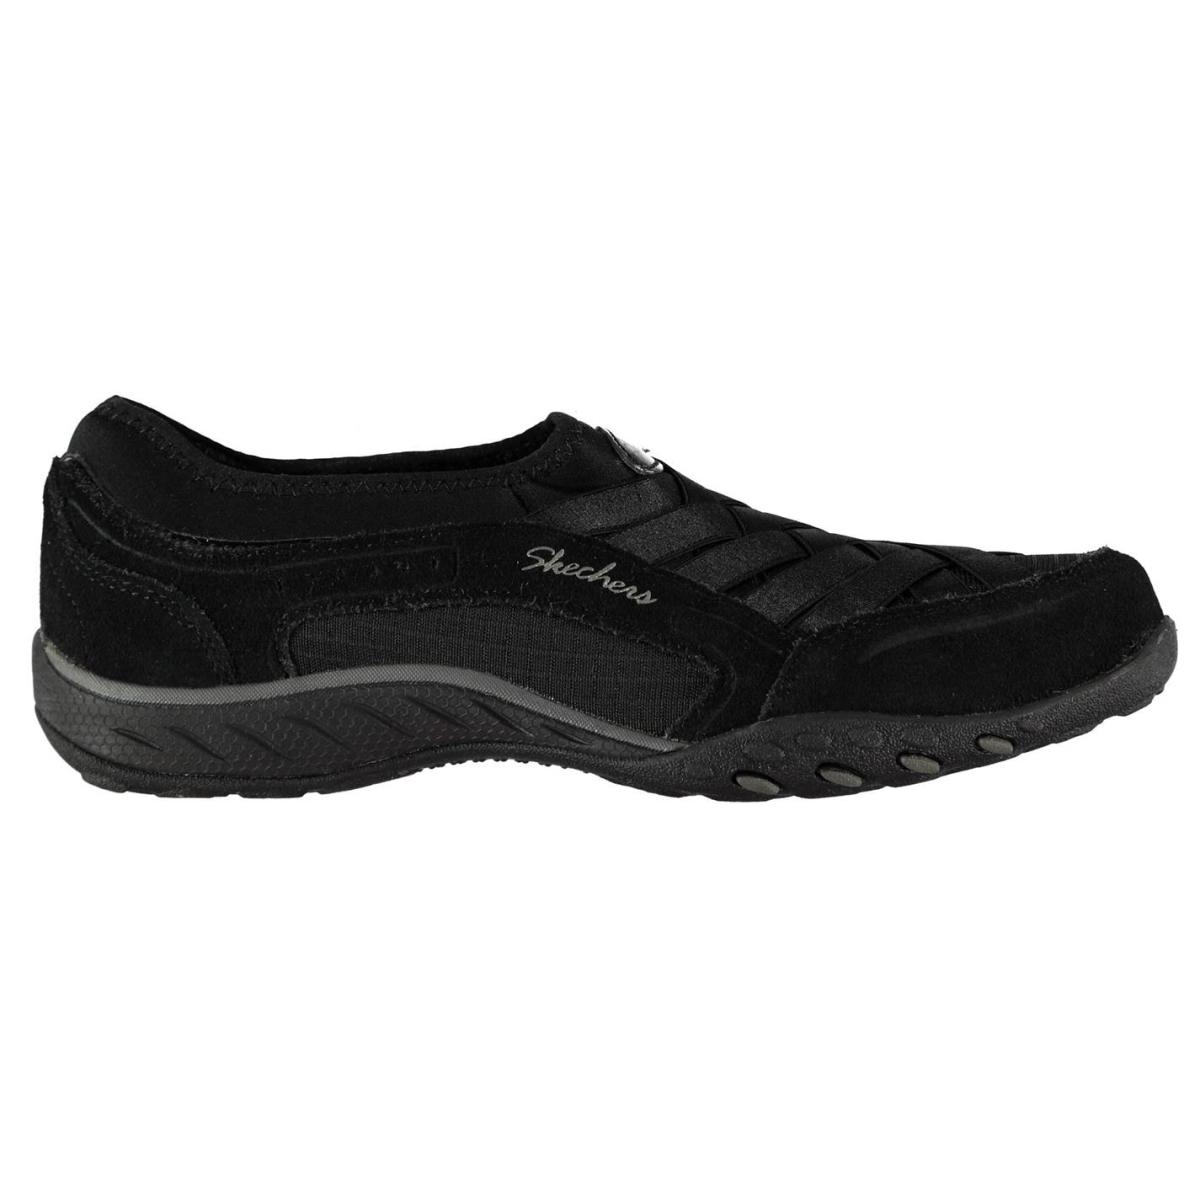 Skechers-Breathe-Easy-Turnschuhe-Laufschuhe-Damen-Sportschuhe-Sneakers-4633 Indexbild 2